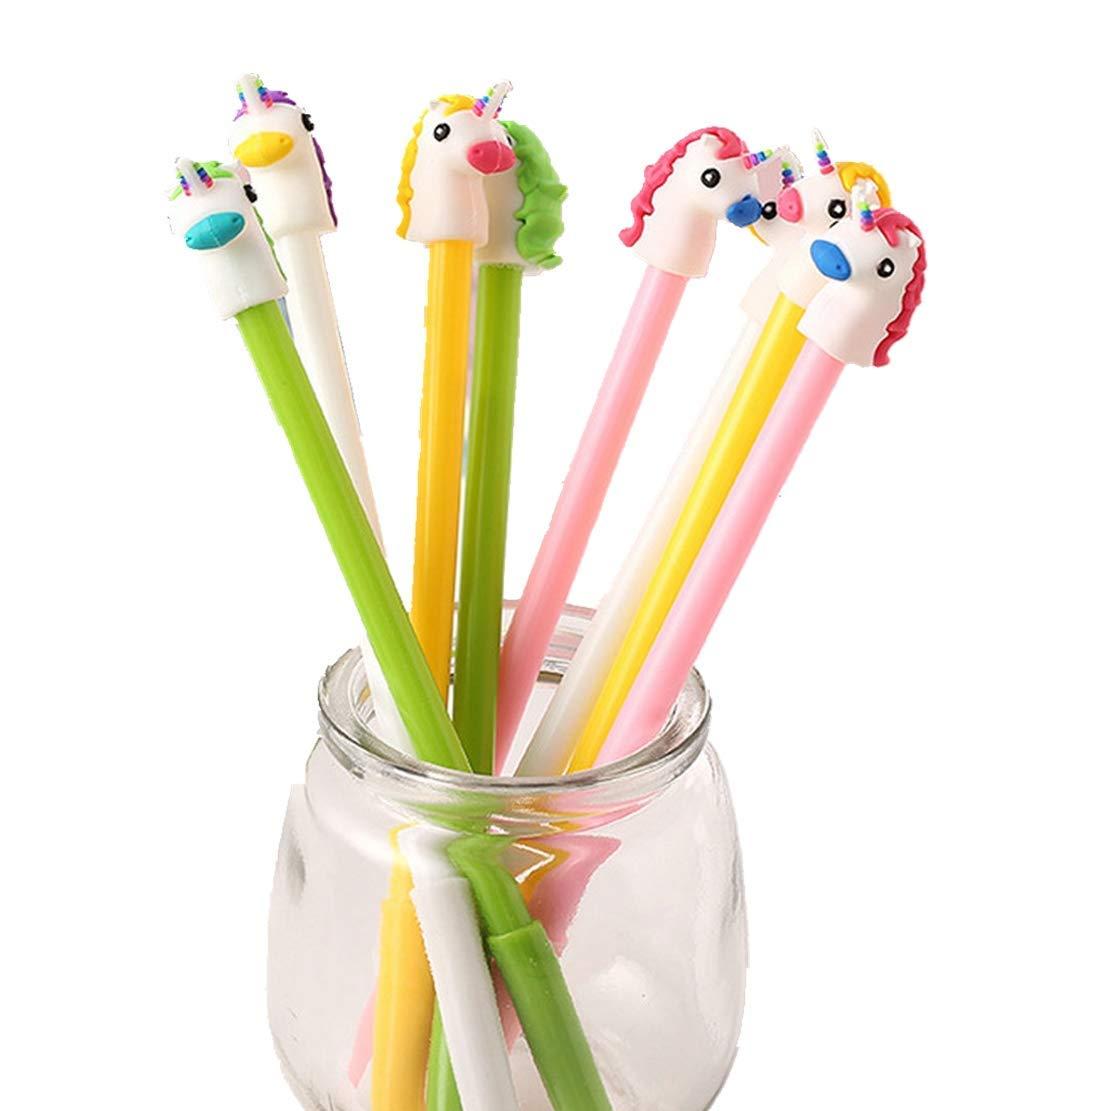 WIN-MARKET Cute Kawaii Cartoon Donkey Head Ballpoint Black Ink Gel Pen Cute Kids Party Gift (8PCS)